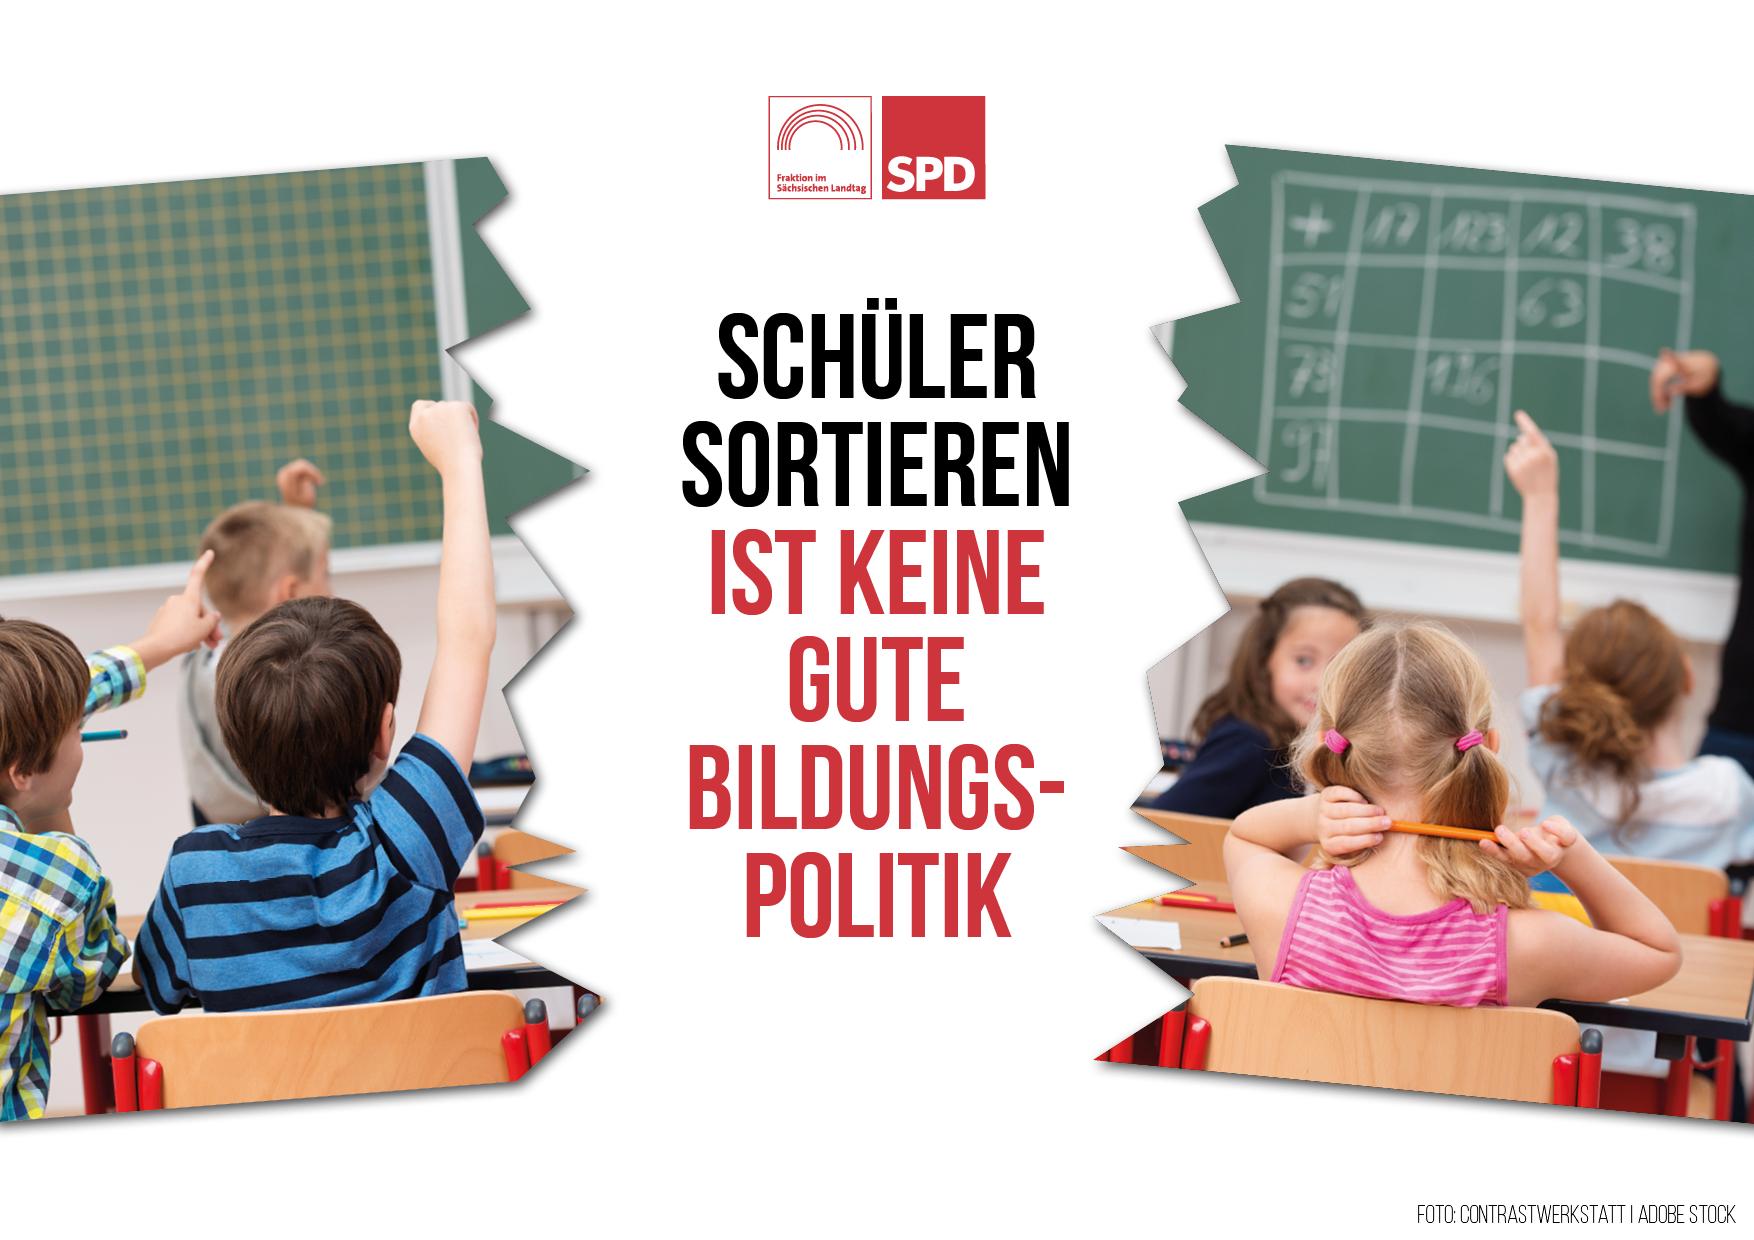 Schüler sortieren ist keine gute Bildungspolitik